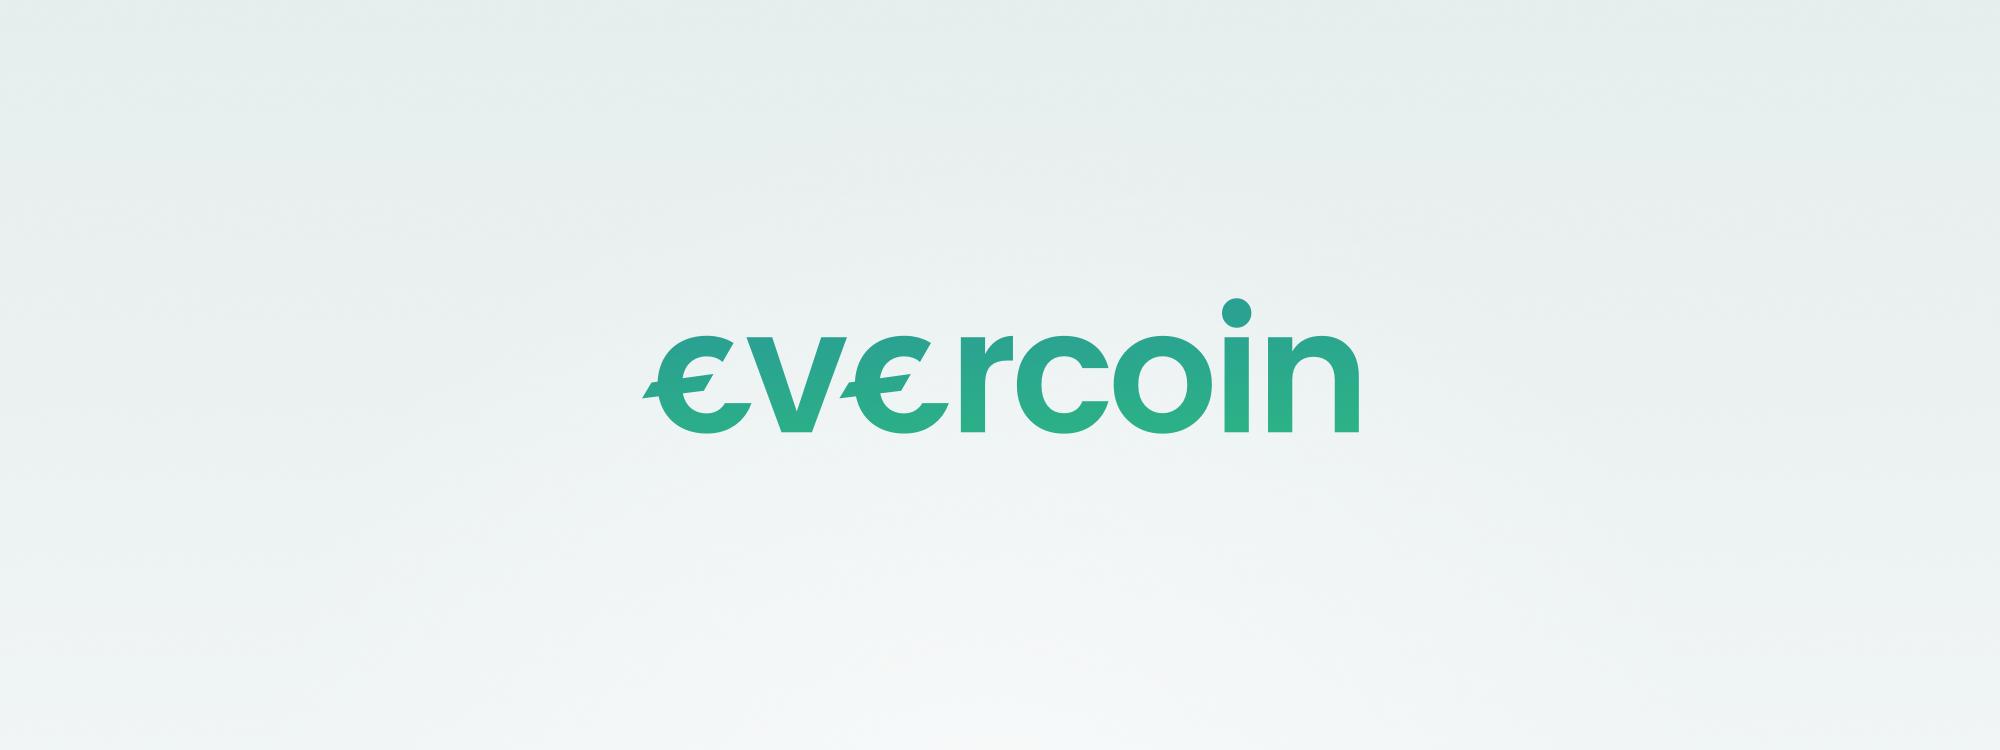 Evercoinlogo